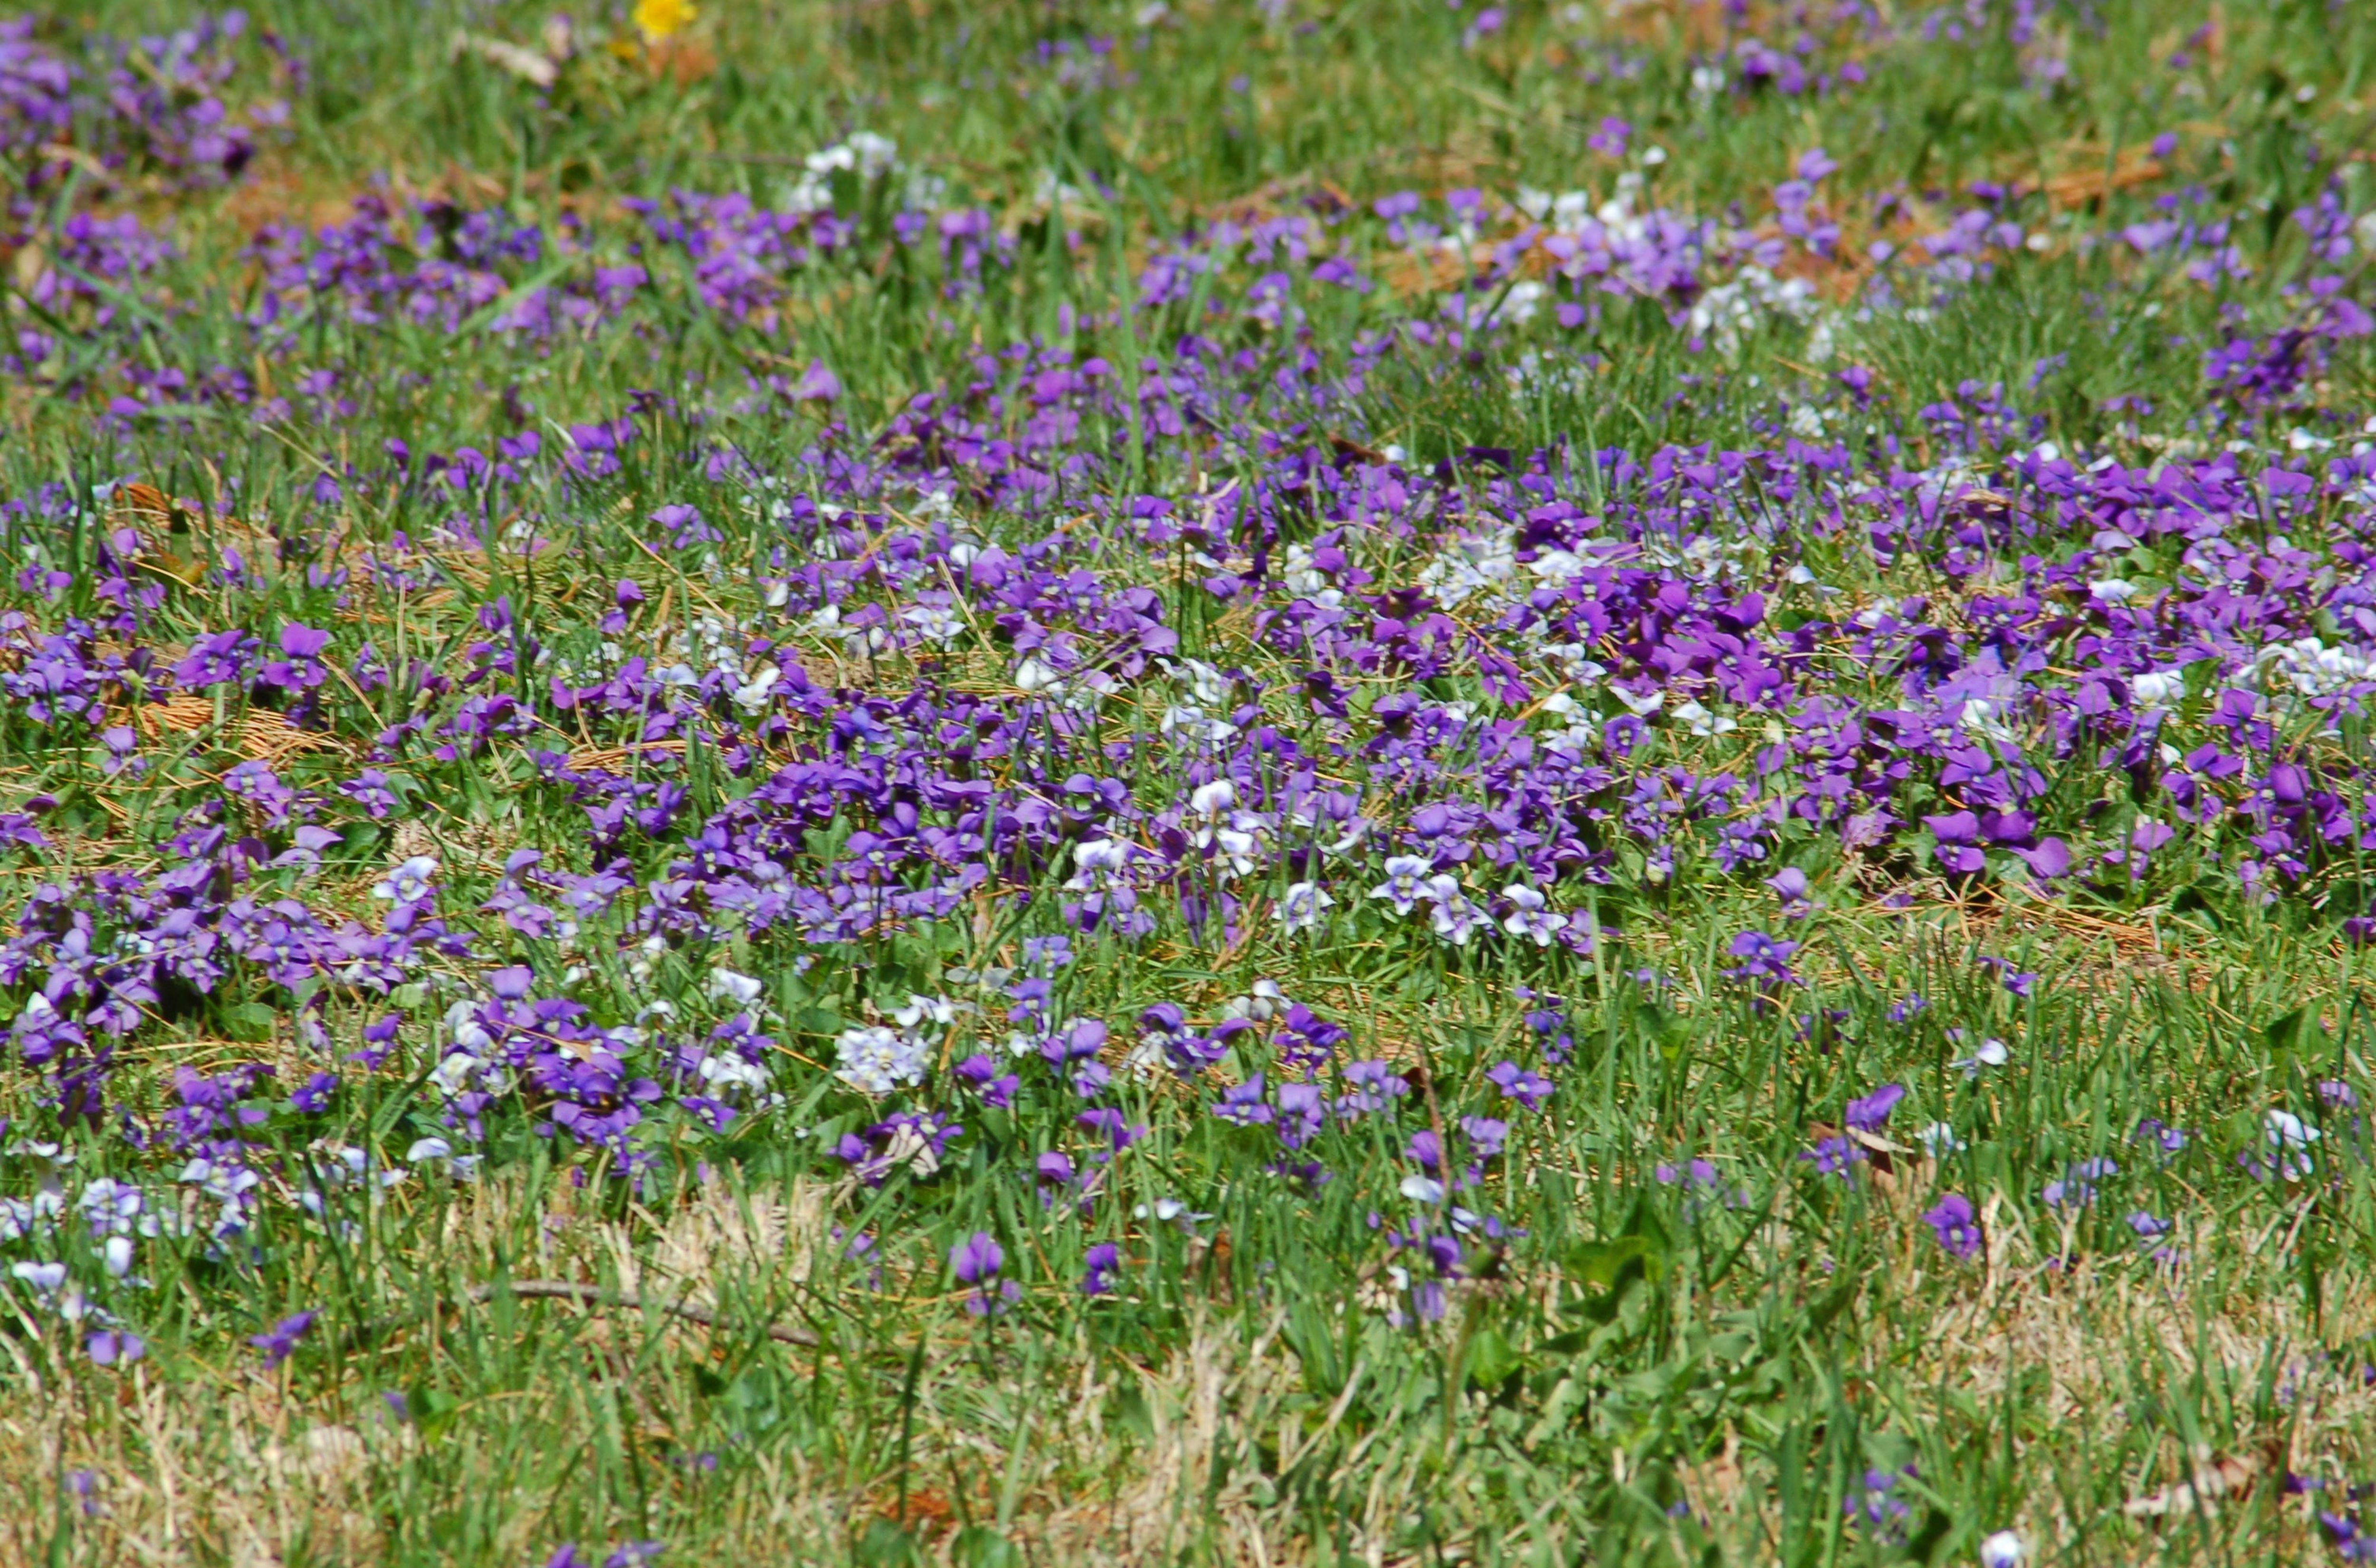 purple violets massed